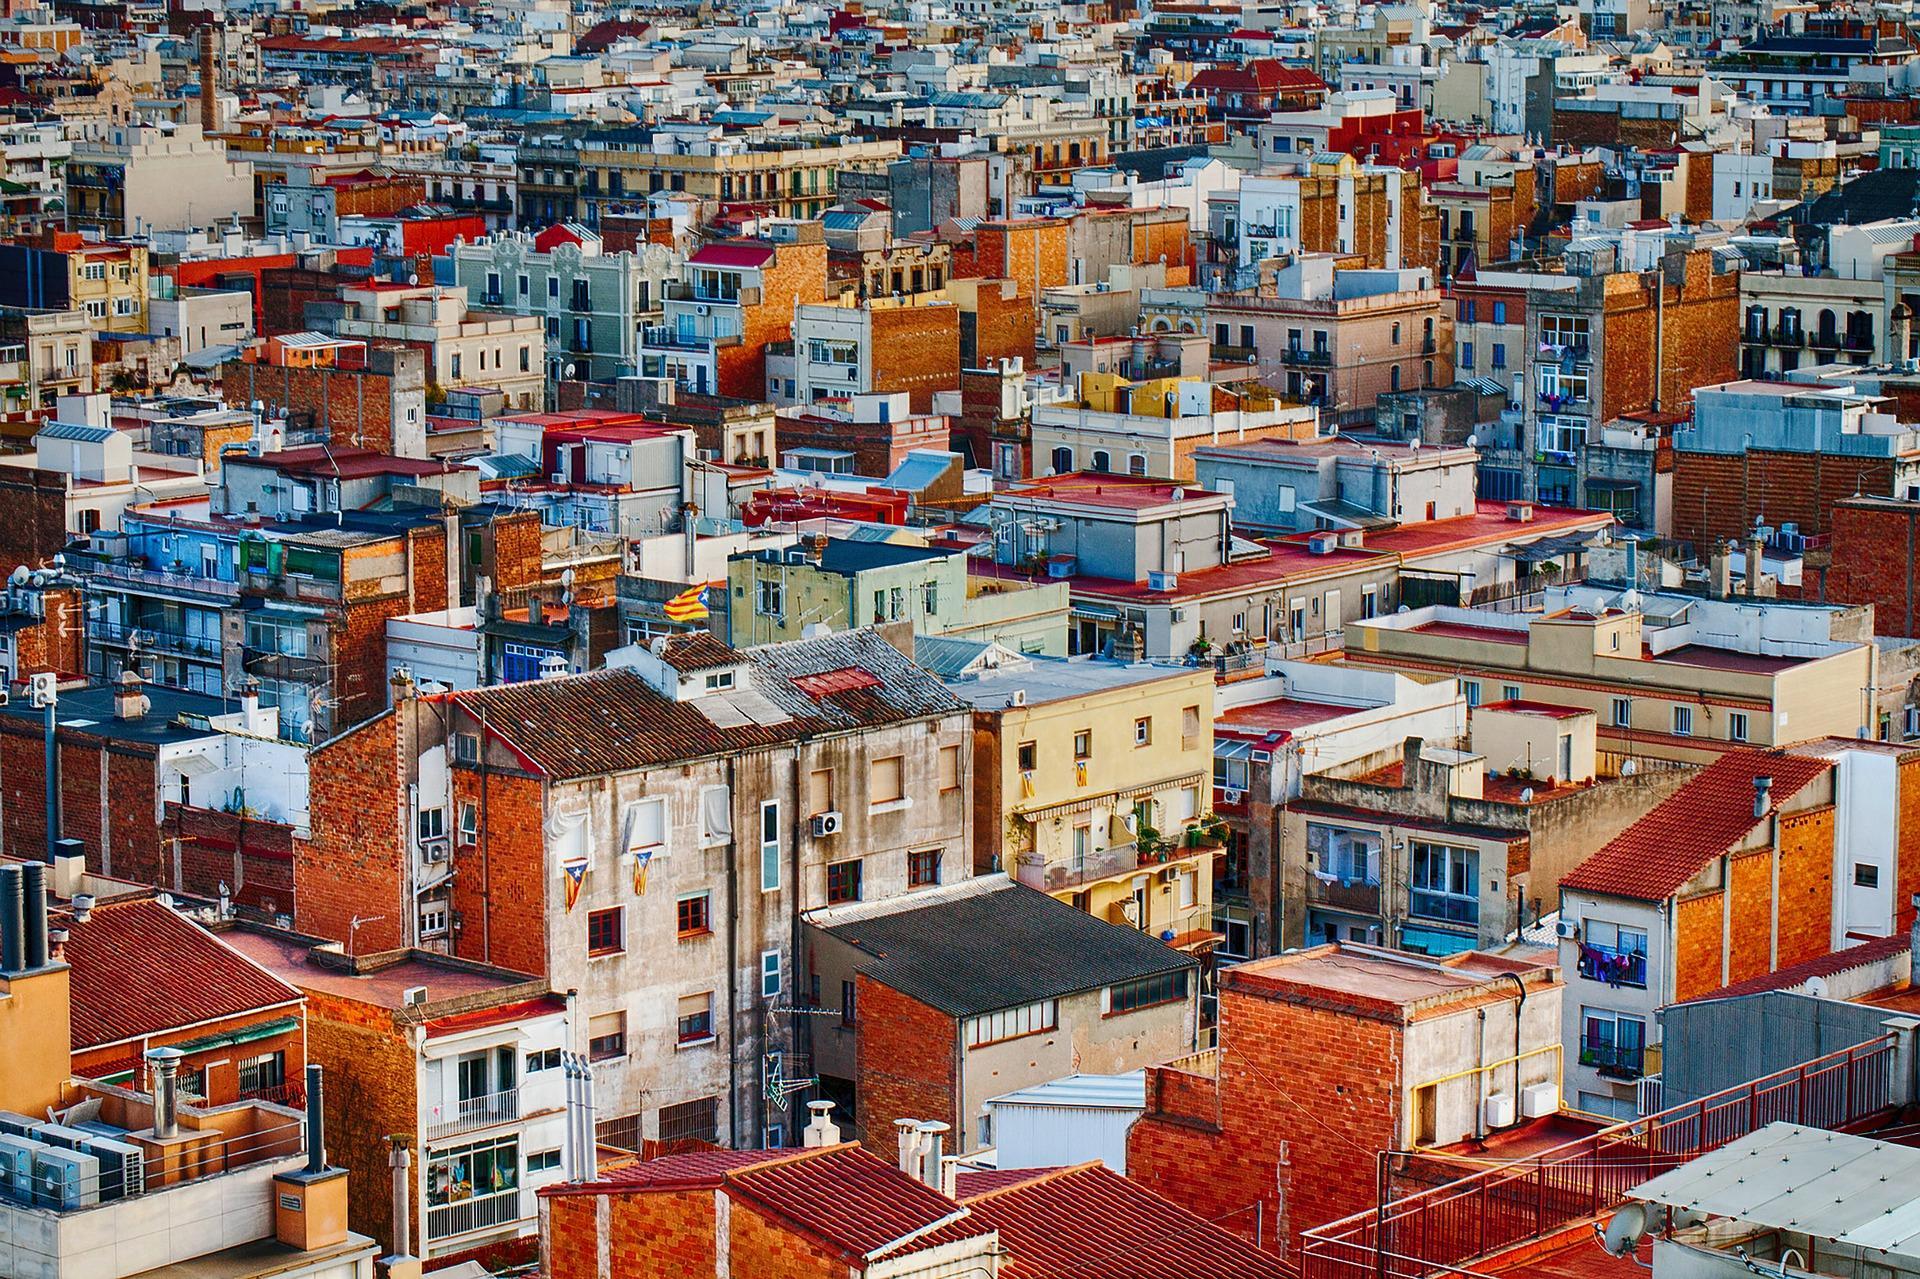 Vista de edificios de colores de una ciudad